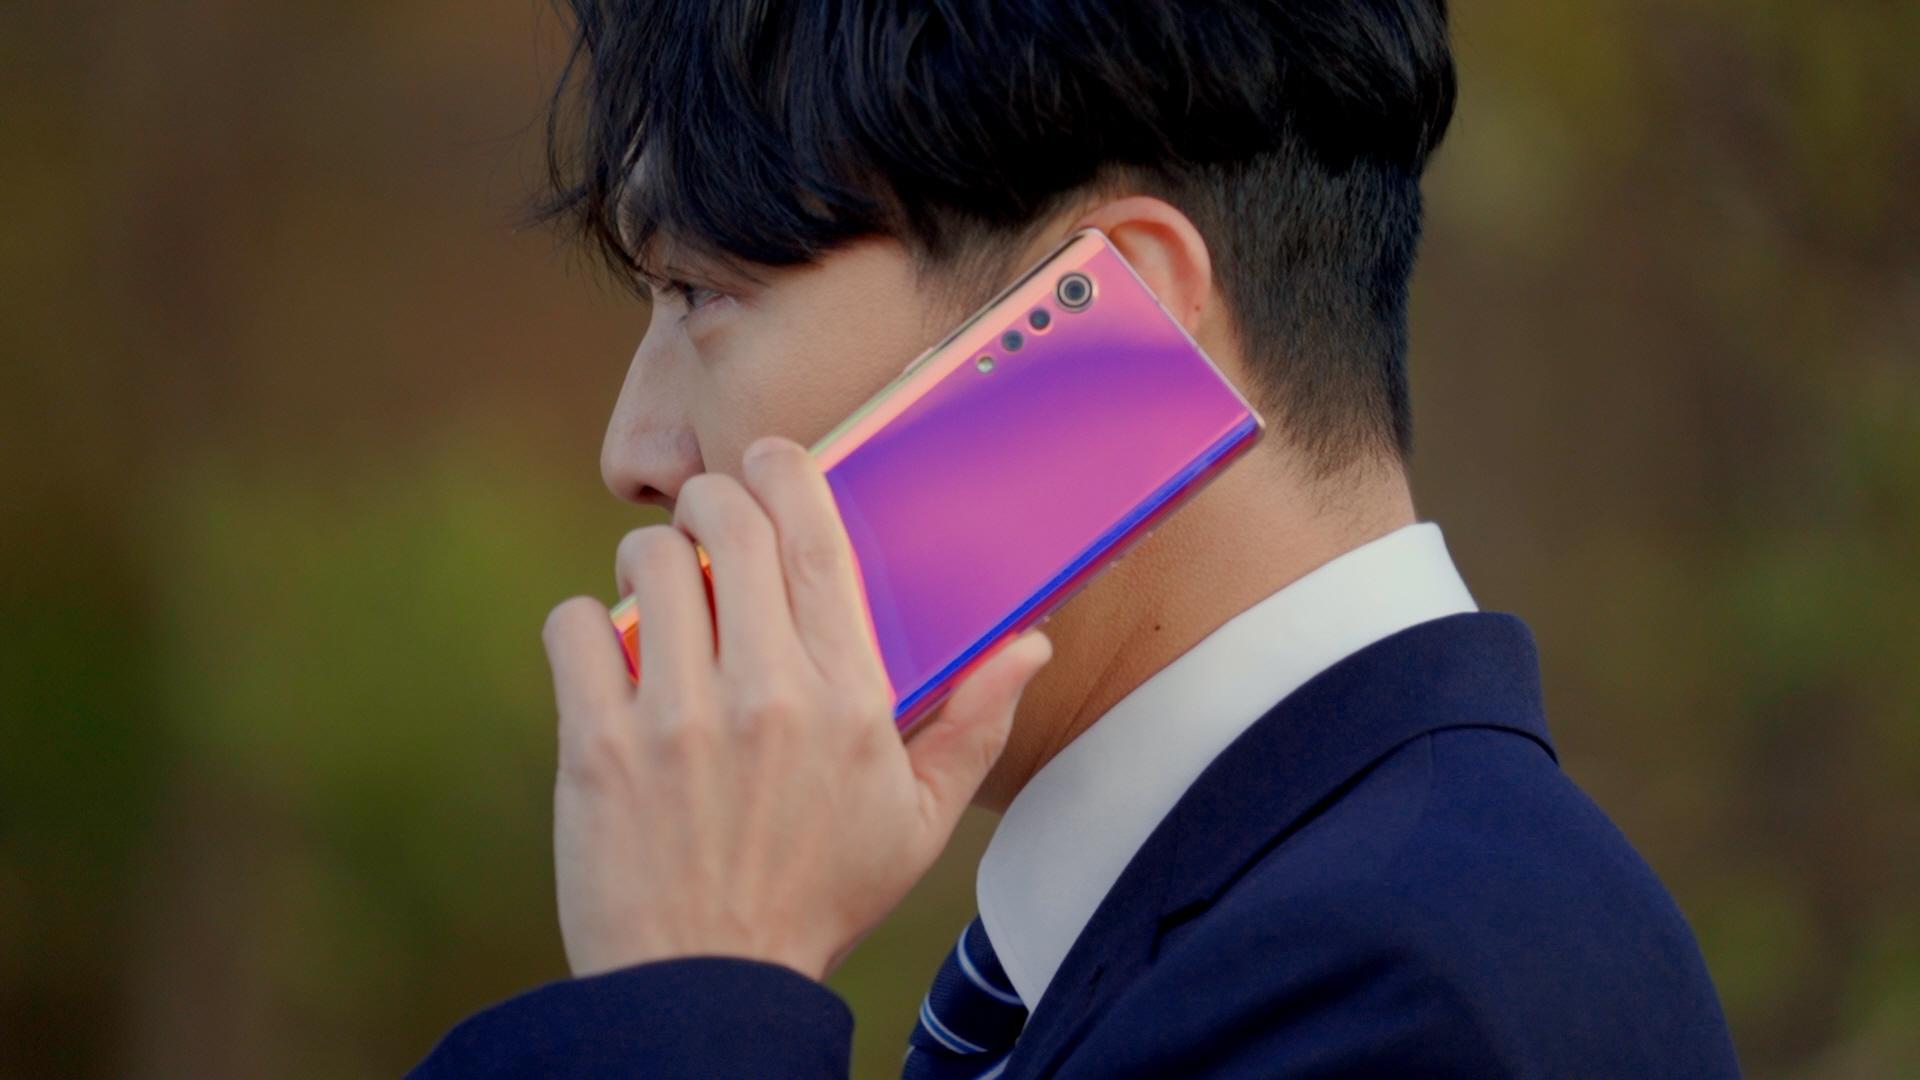 LG 벨벳 디지털 캠페인 진행